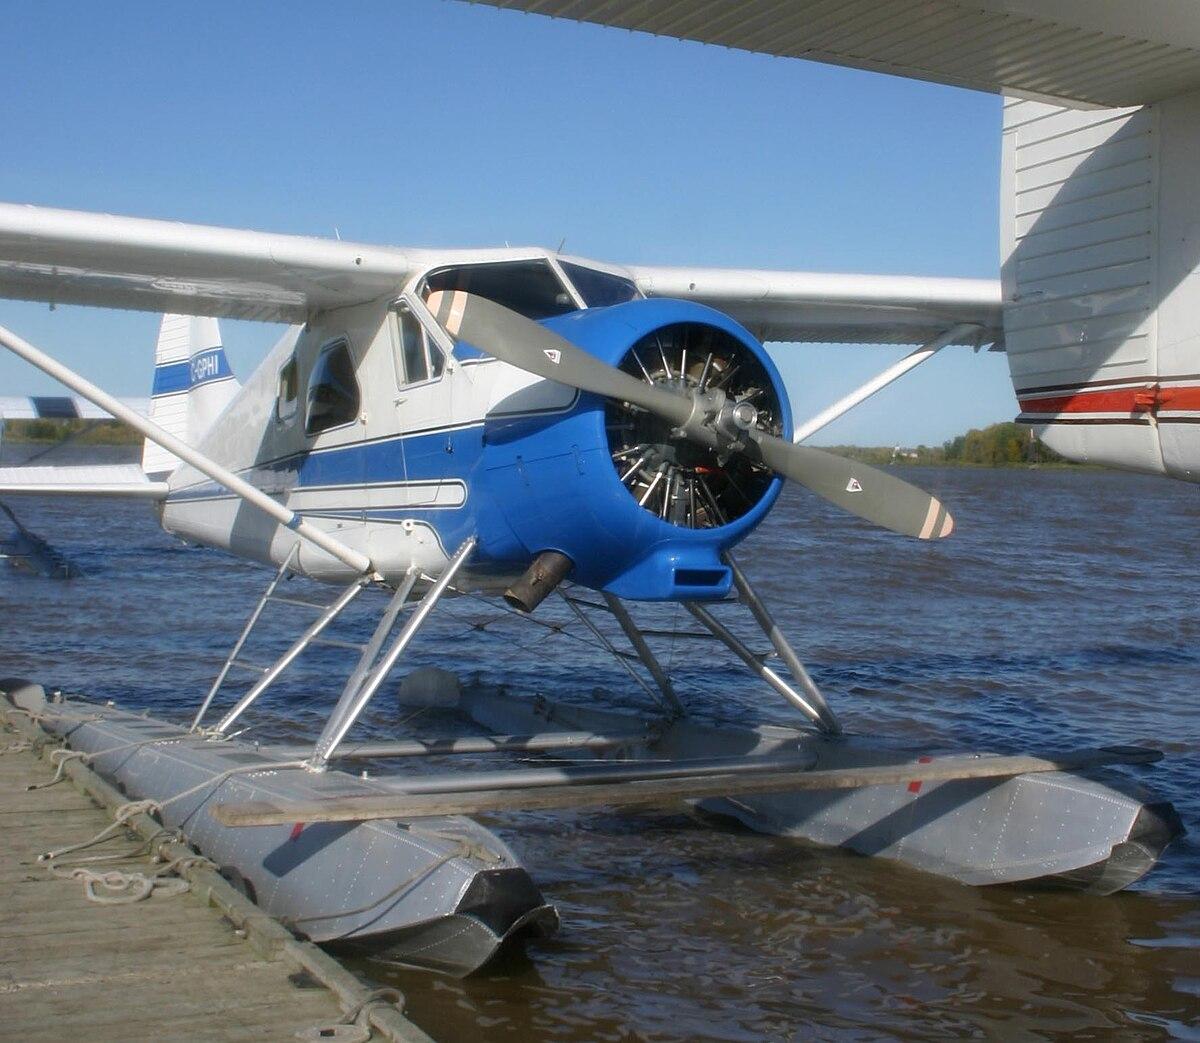 Edo Aircraft Corporation - Wikipedia